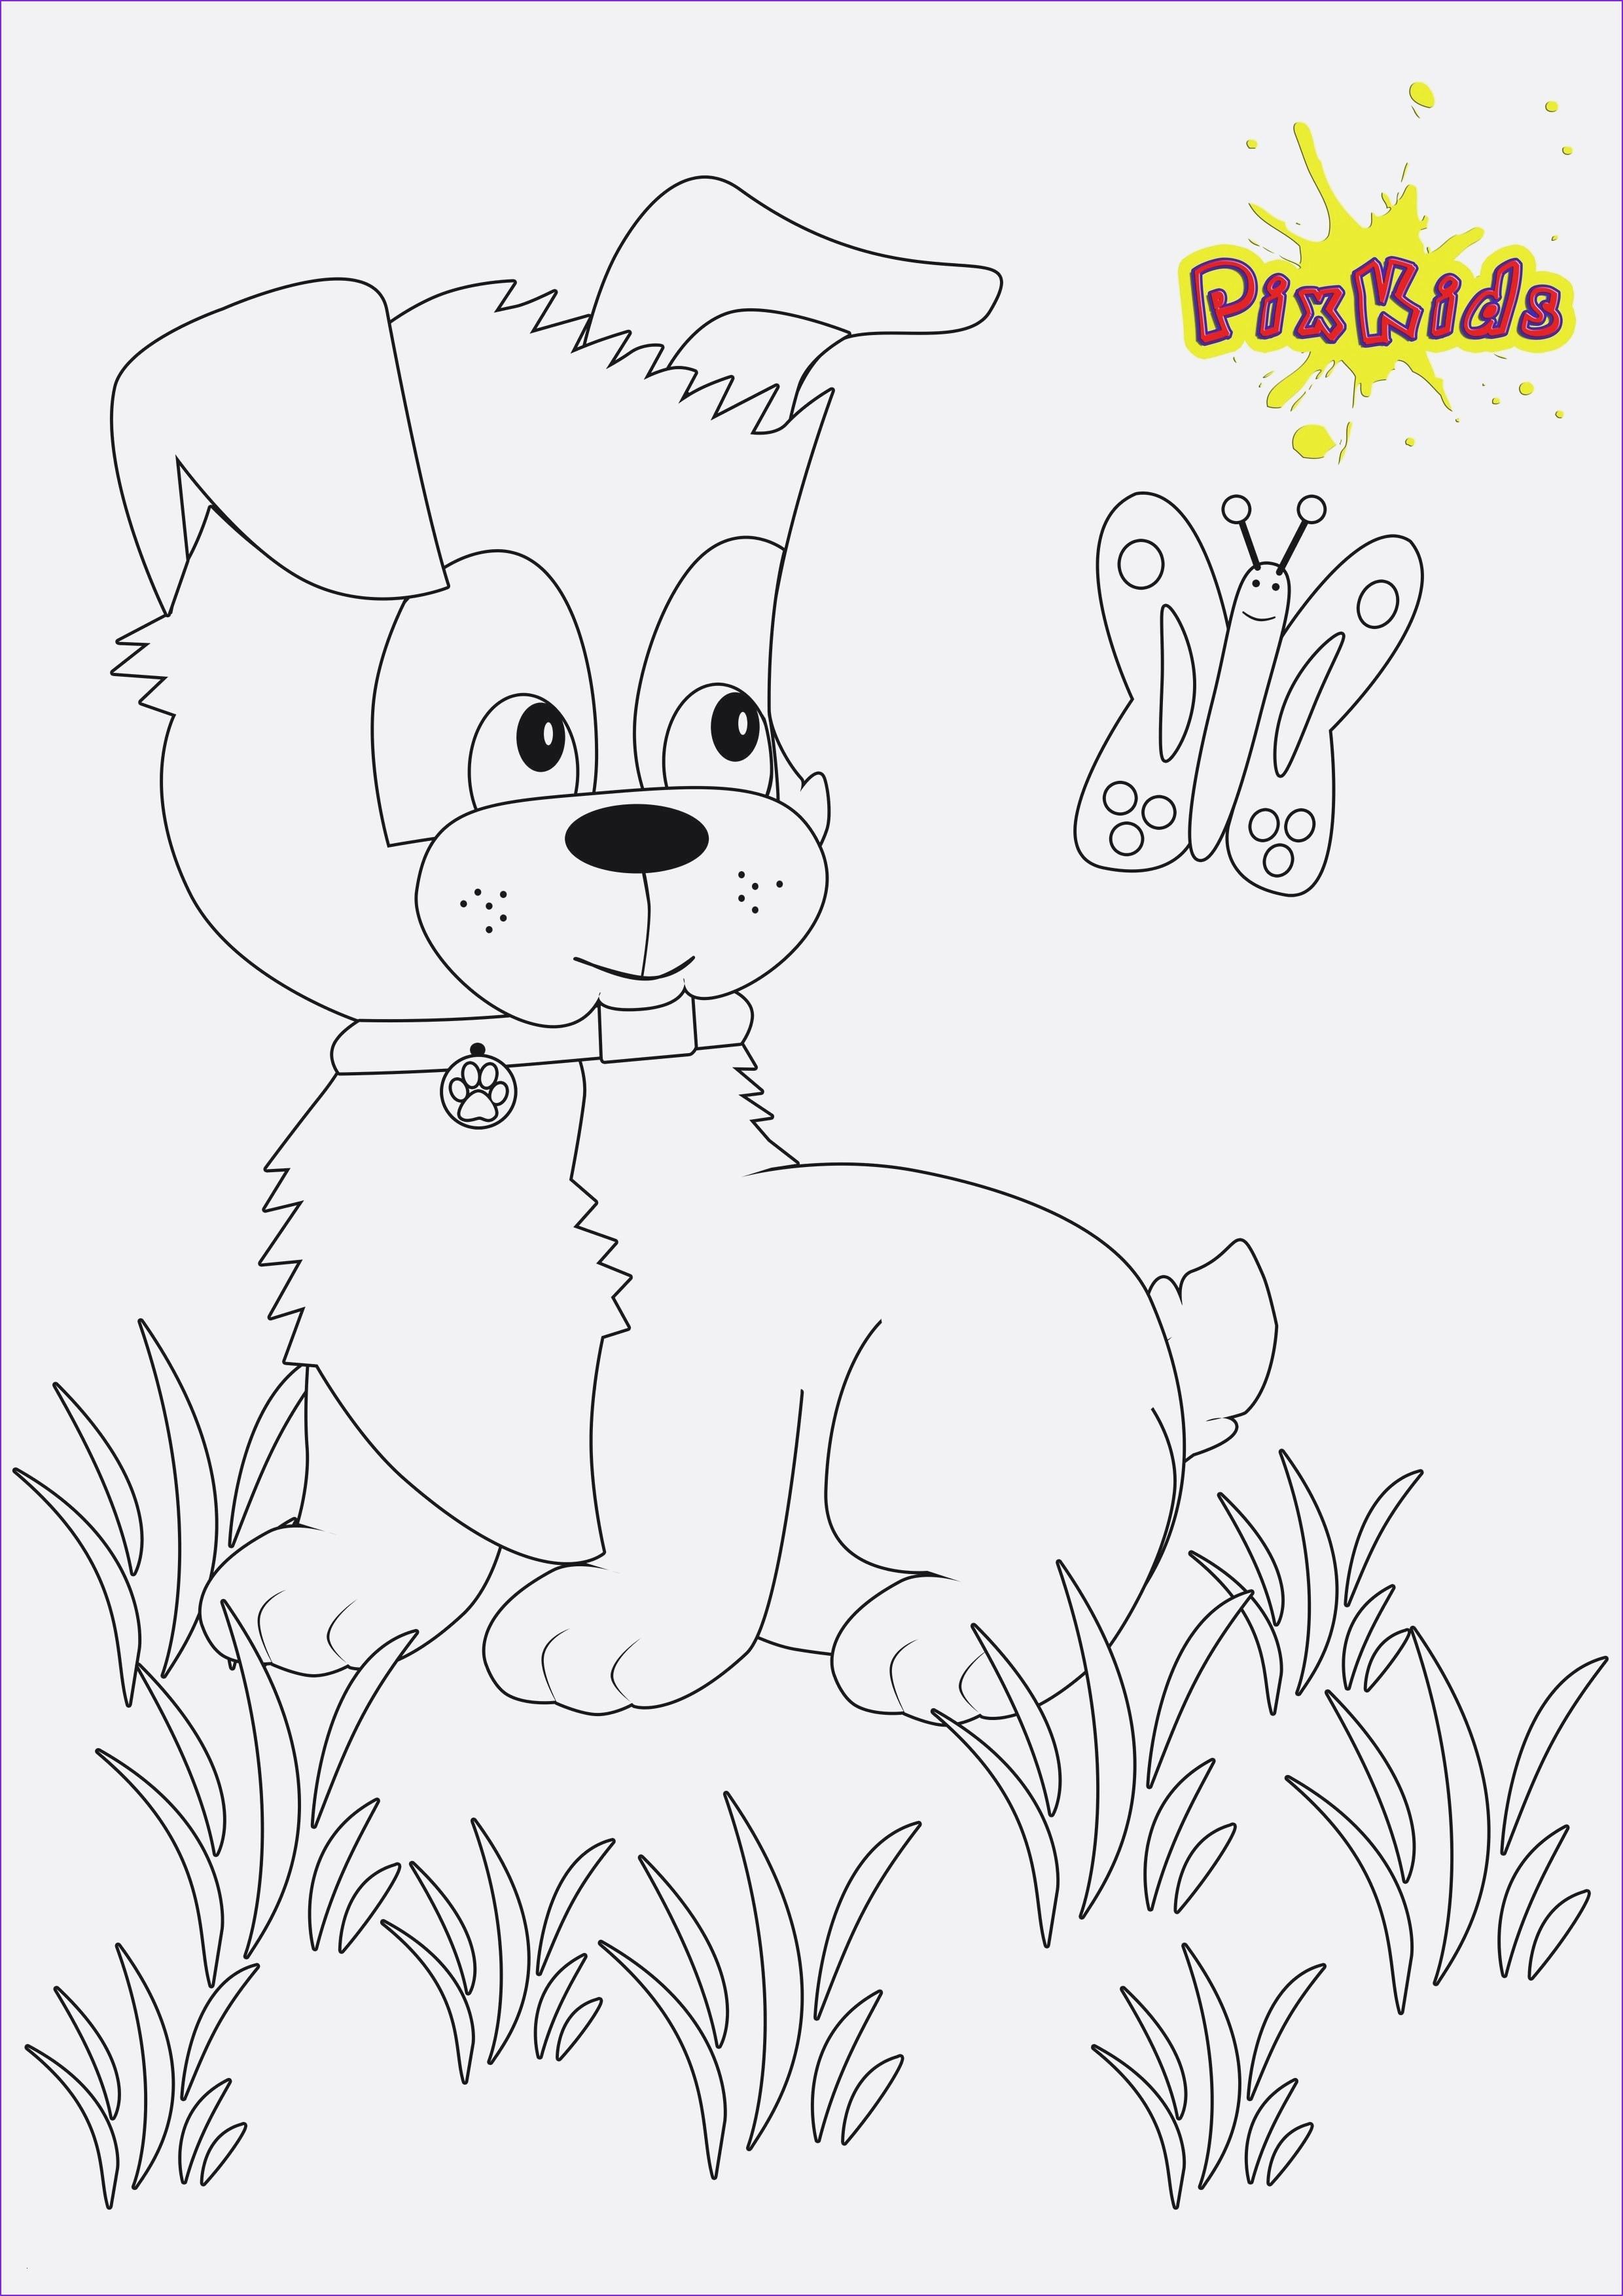 Ausmalbilder Ninjago Pythor Neu 40 Ausmalbilder Ninjago Pythor Scoredatscore Schön Hund Ausmalbilder Sammlung